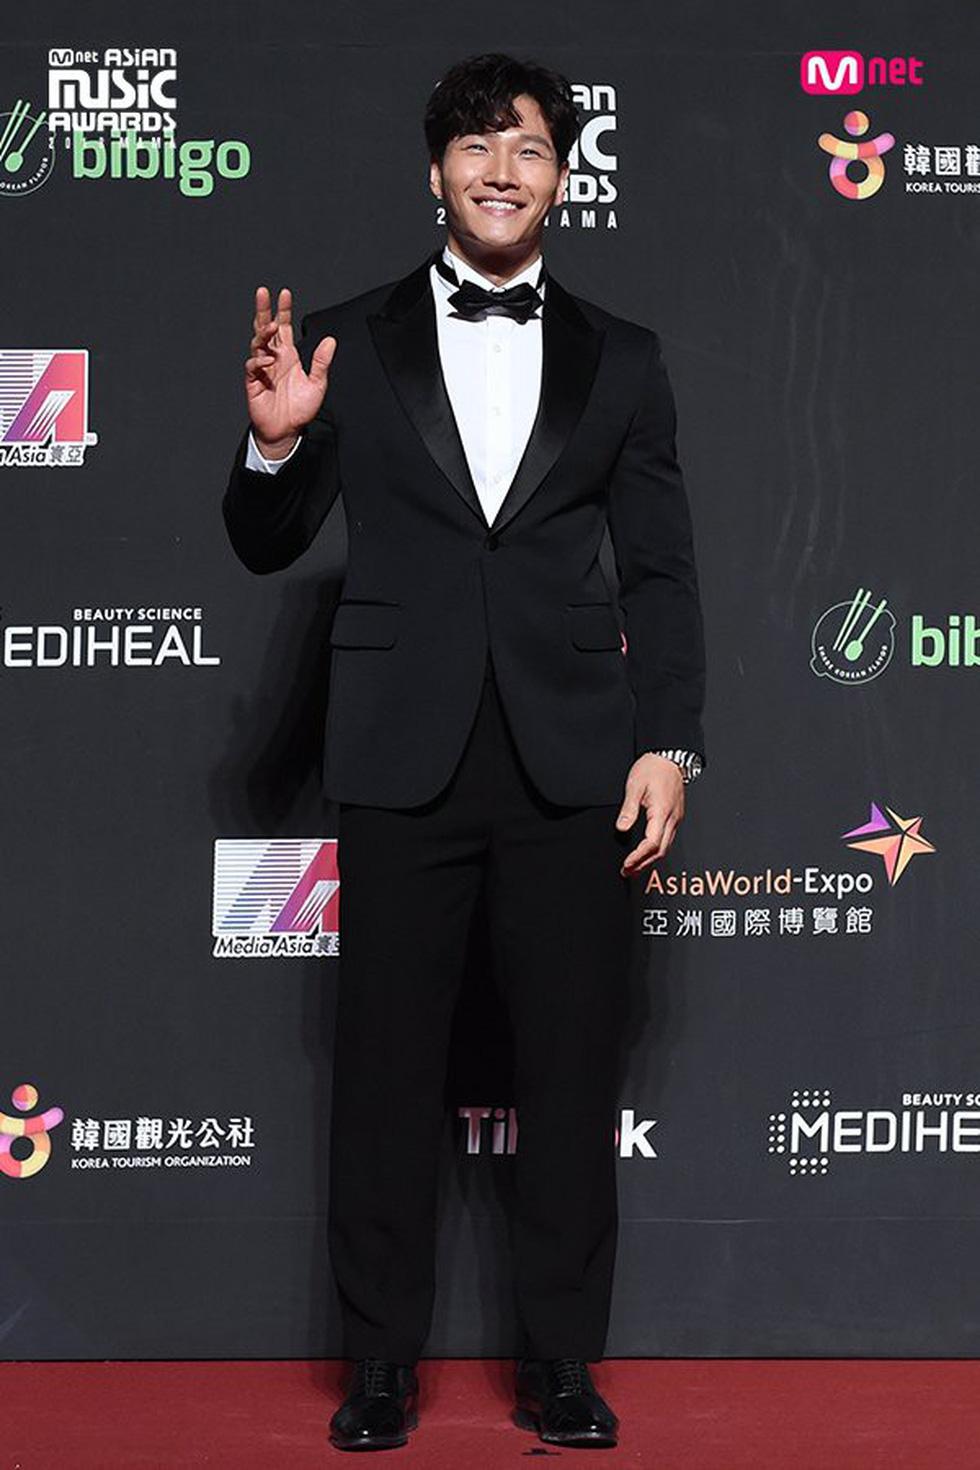 Đêm cuối MAMA 2018: Hương Tràm là nghệ sĩ châu Á xuất sắc nhất - Ảnh 12.